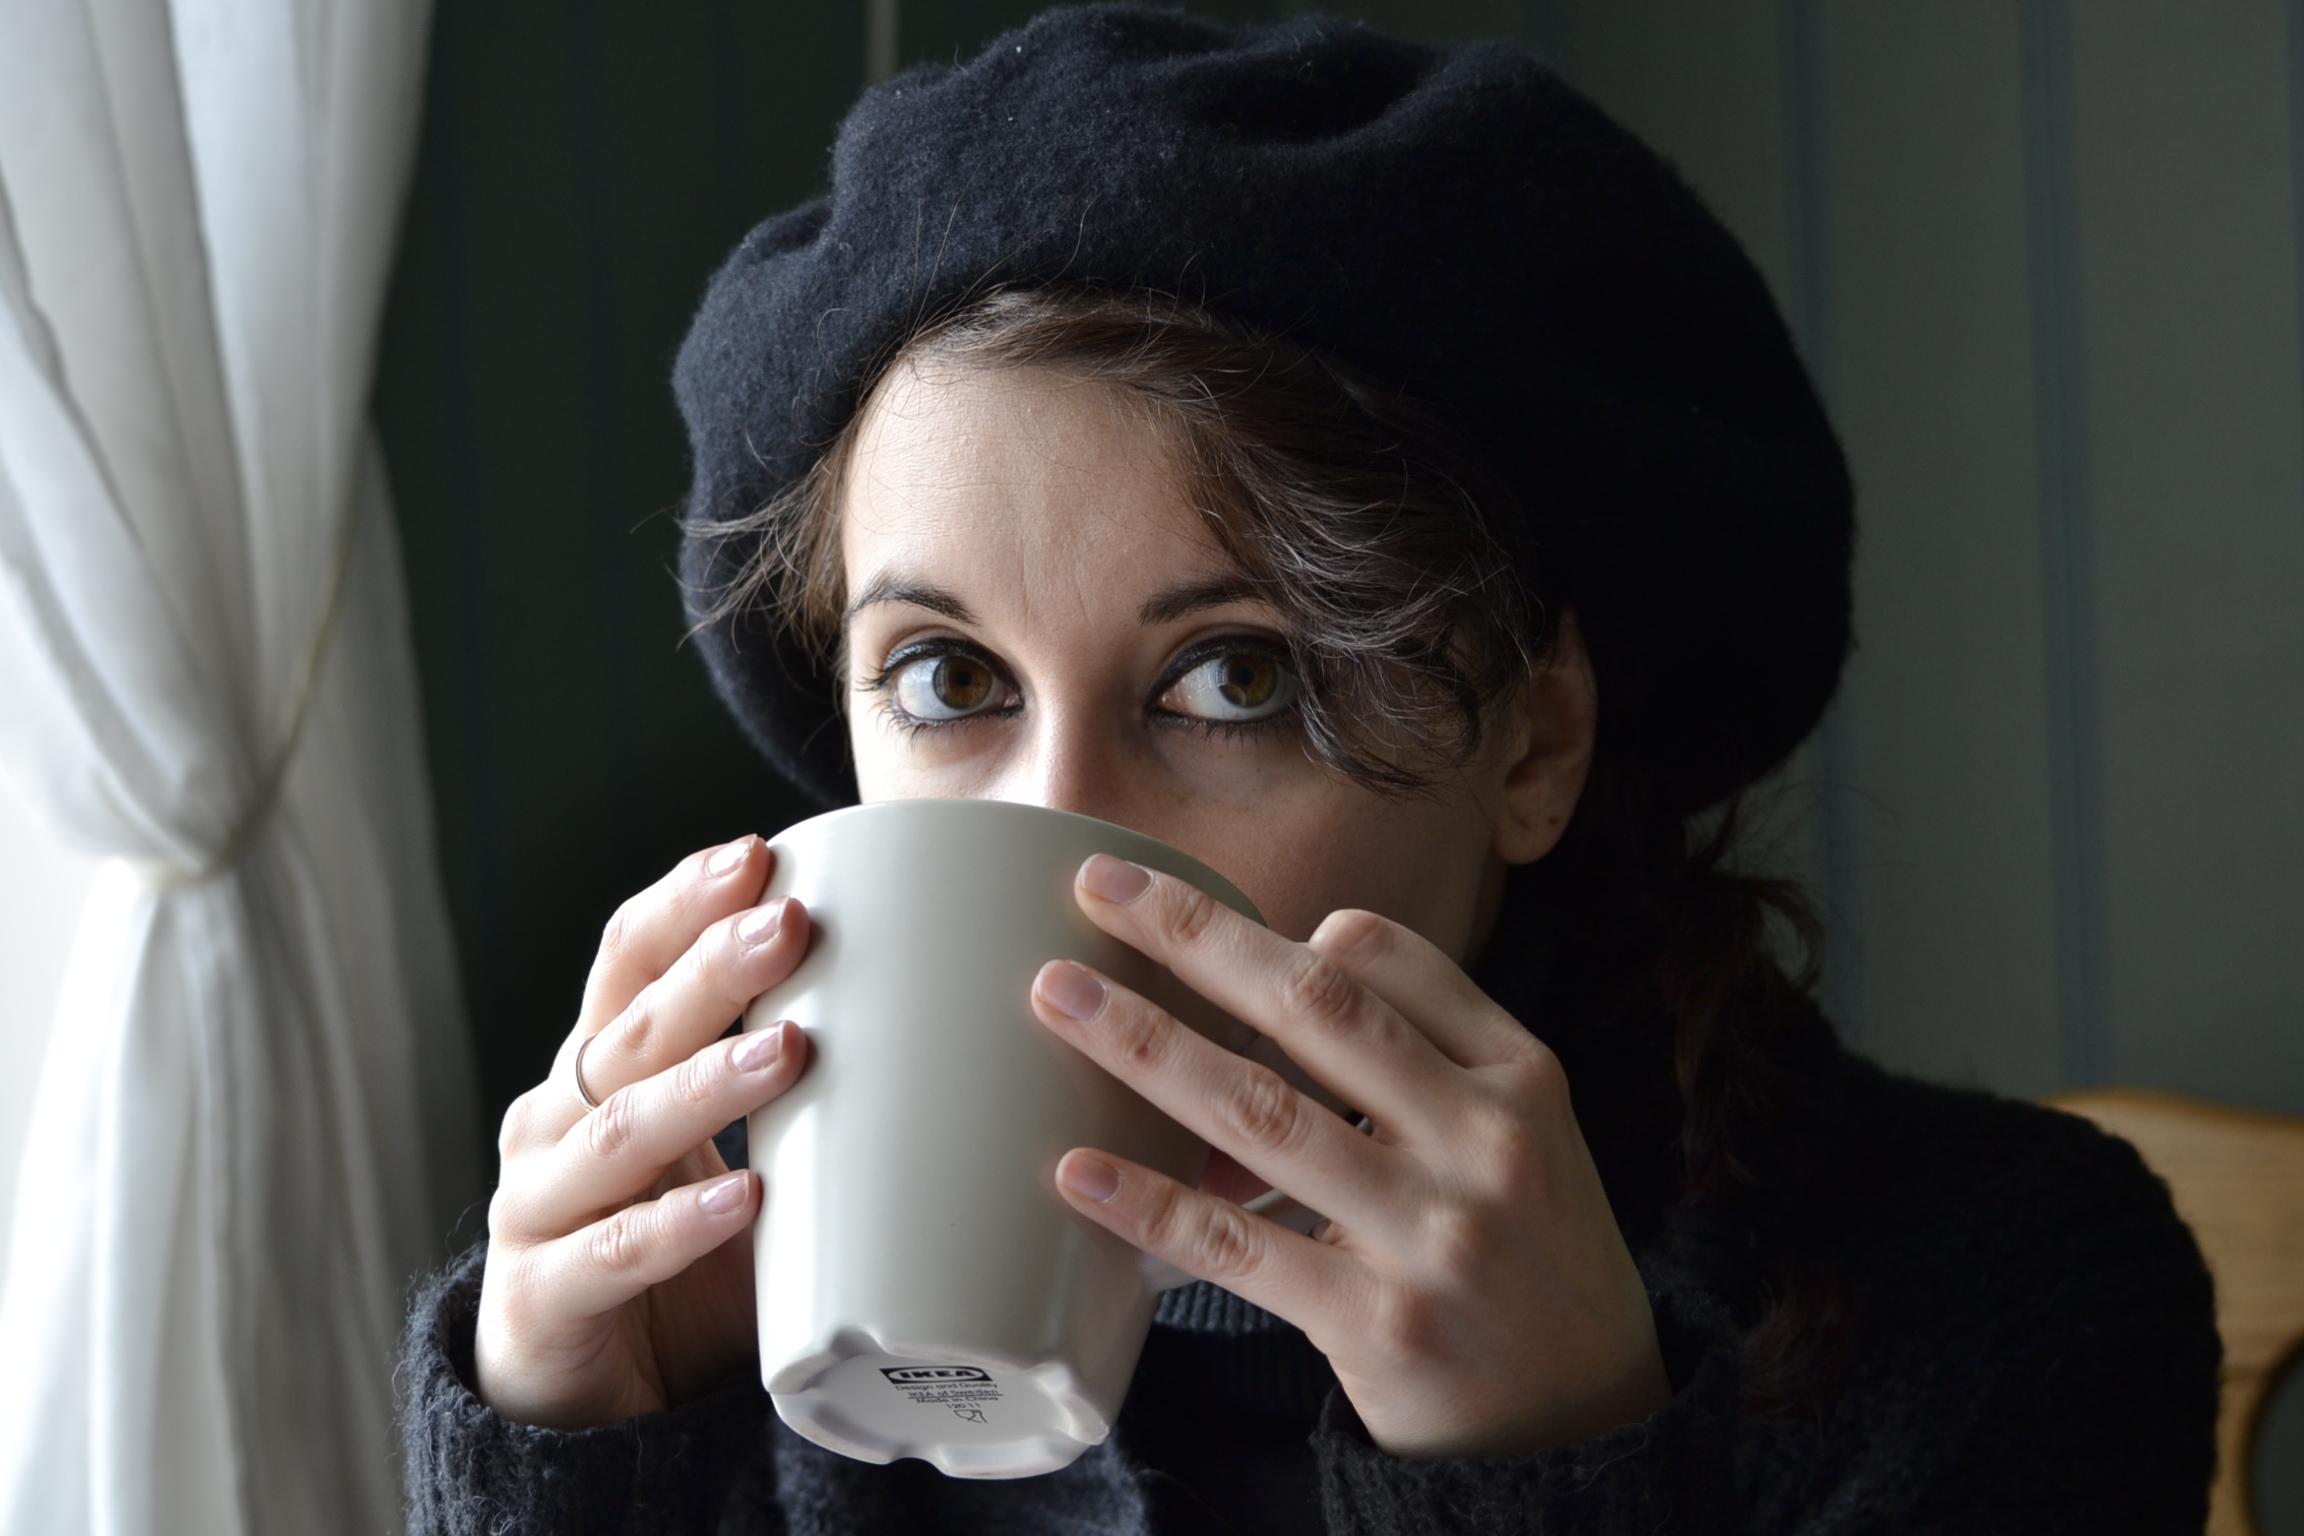 Five O clock è un blog gestito dalla giornalista Carlotta Mariani